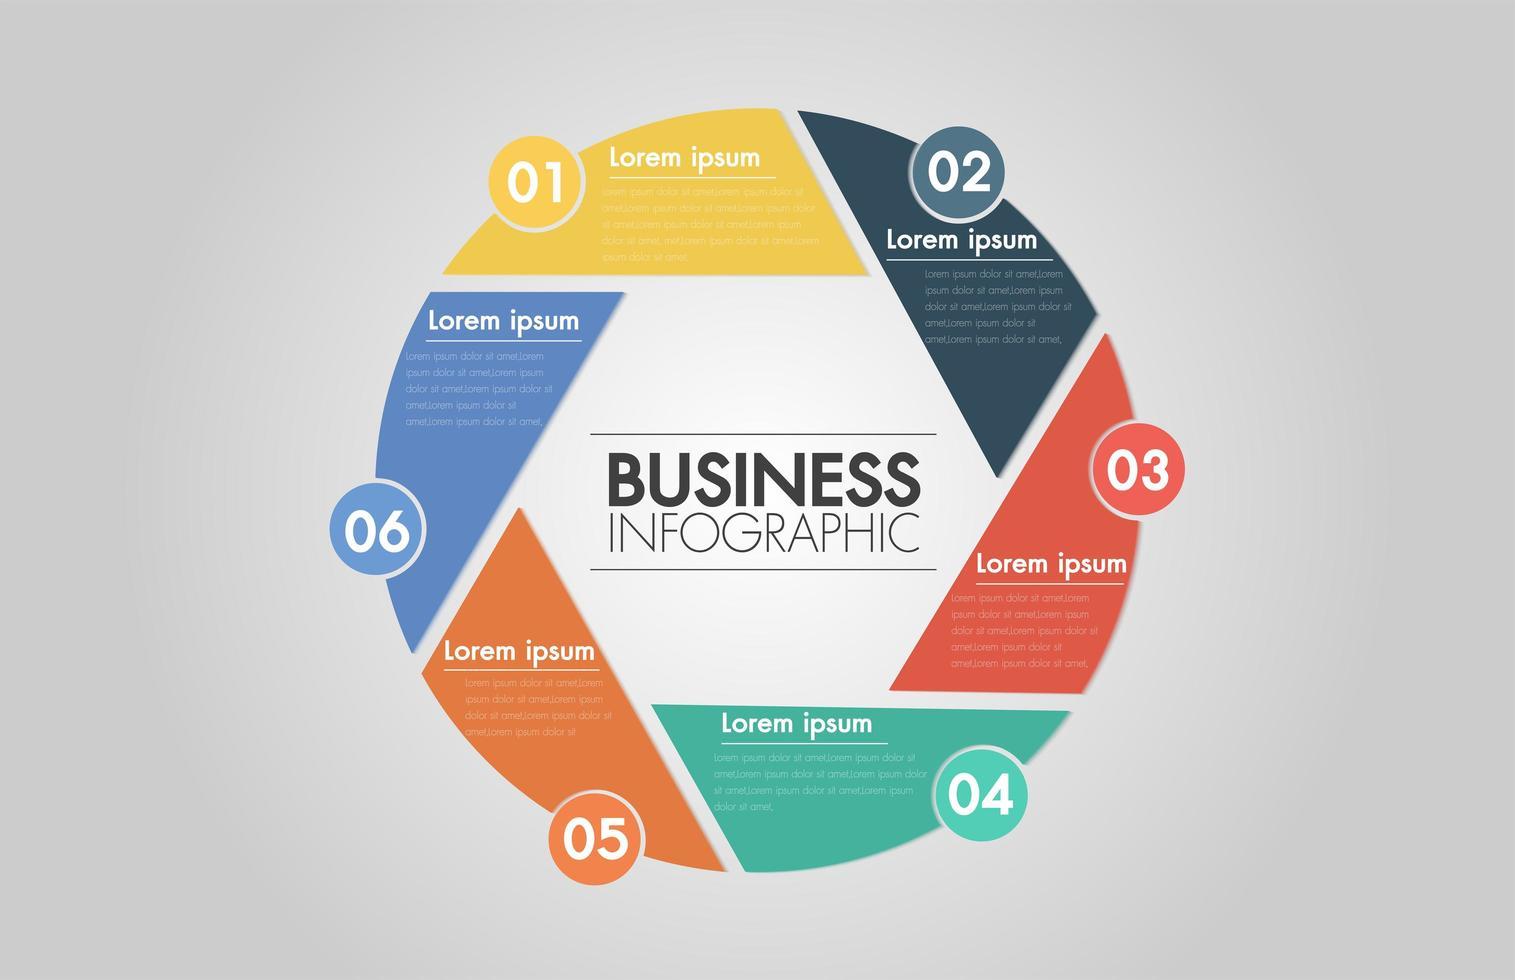 6 steg cirkel pil infographic. Mall för cykeldiagram, diagram vektor